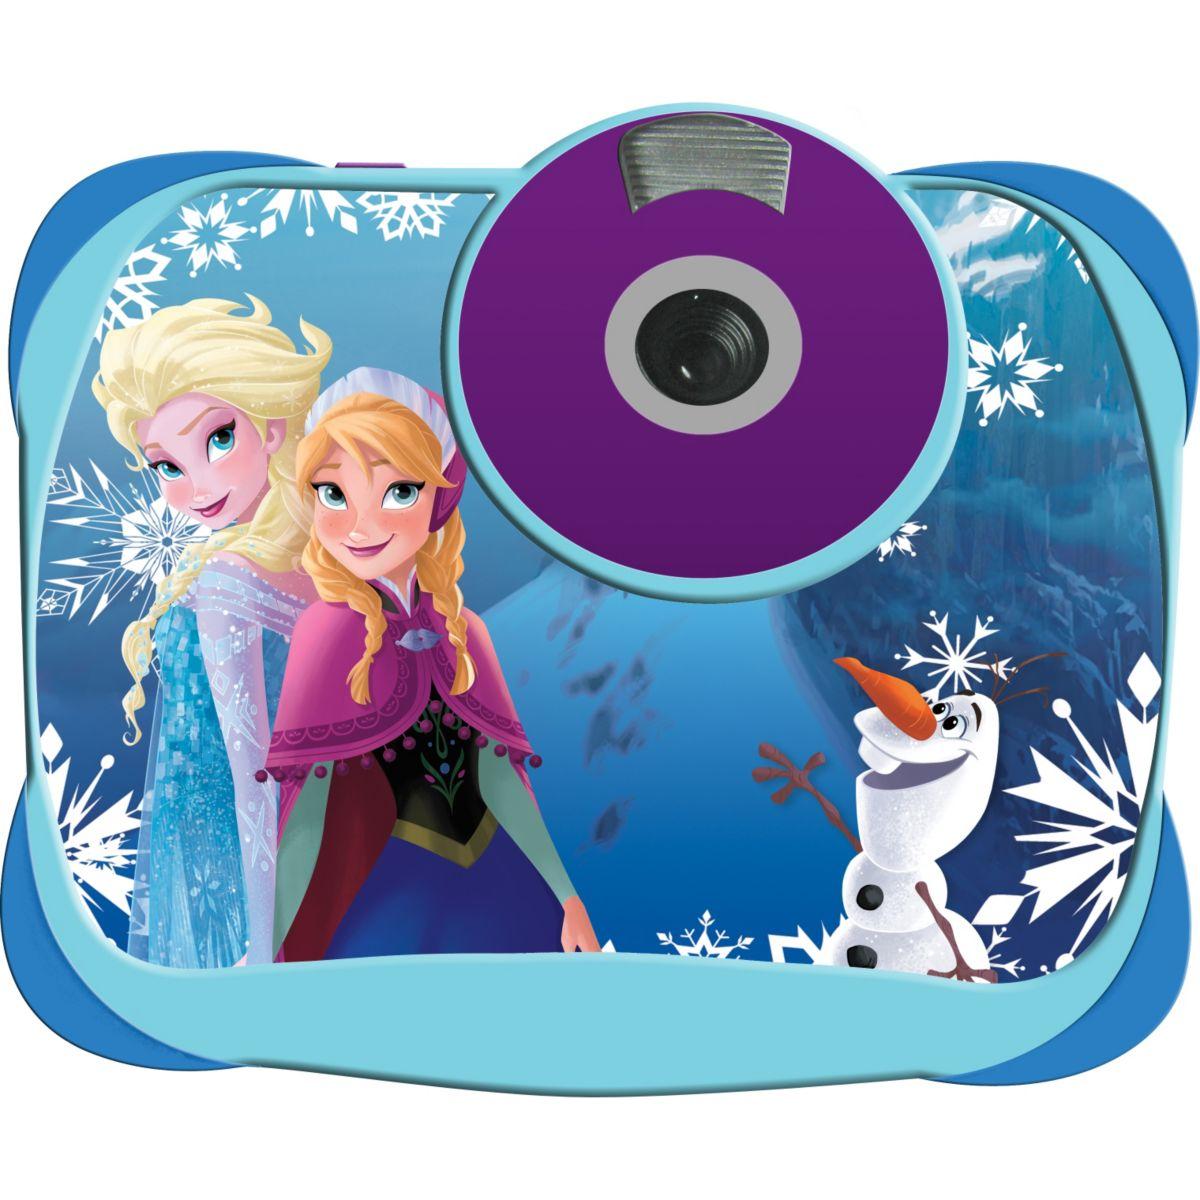 Appareil photo compact lexibook reine des neiges dj134fz - 15% de remise immédiate avec le code : multi15 (photo)